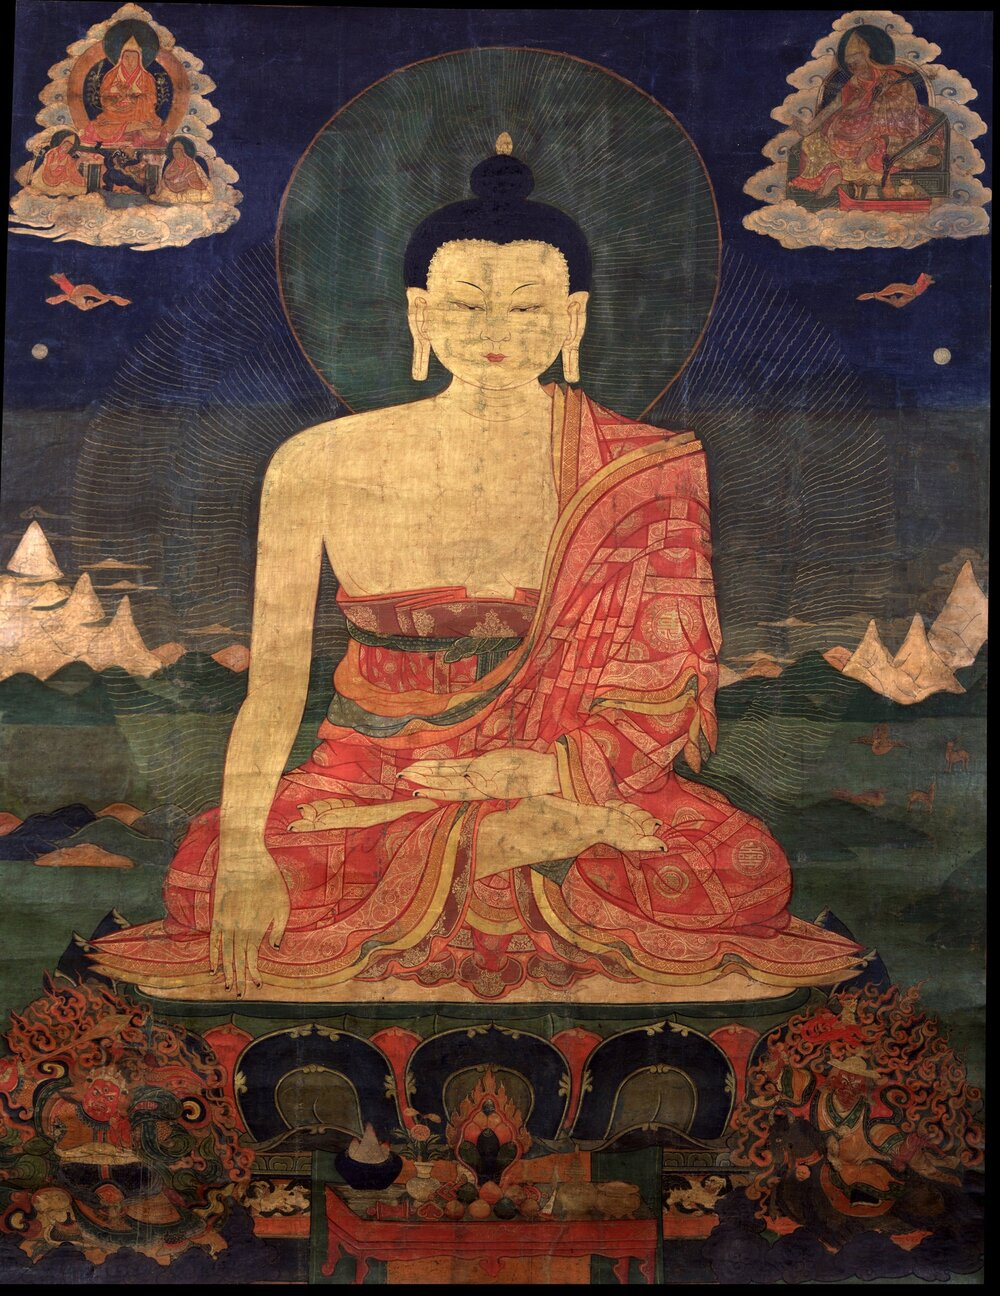 Полотно XVI століття, на якому зображений Будда